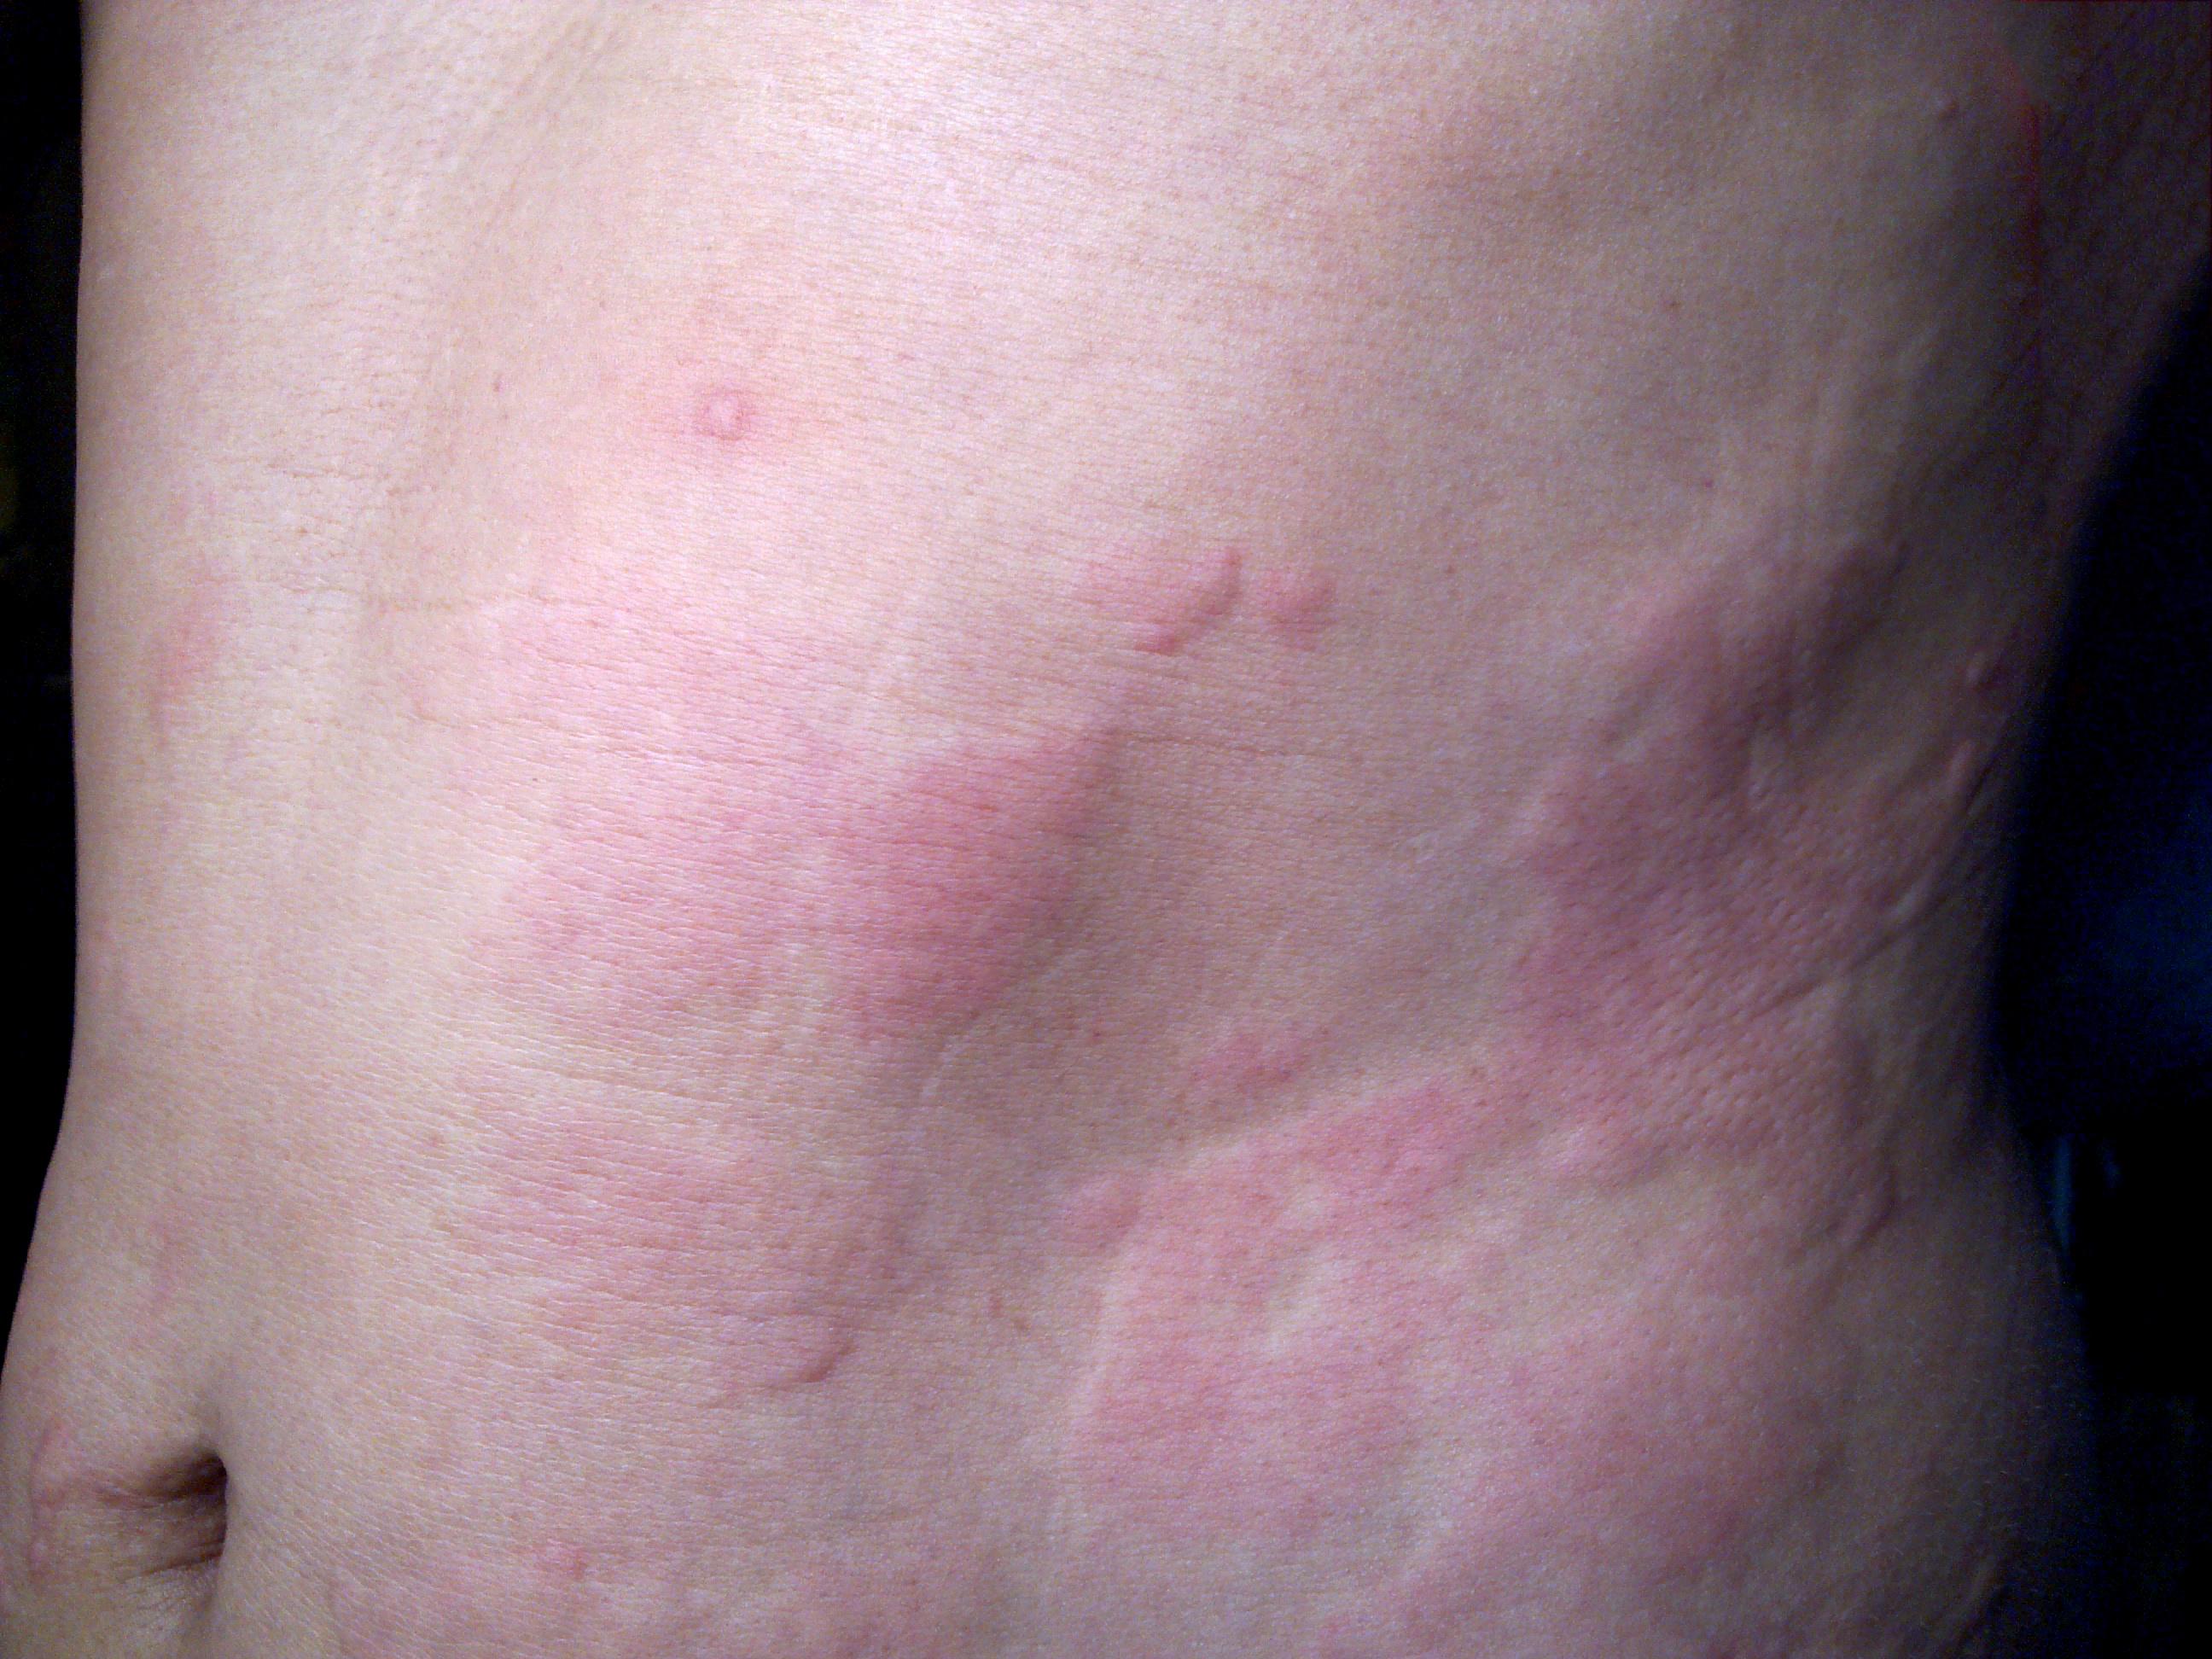 genetech.hu: Viszkető piros foltok: így kezelhető a csalánkiütés – Semmelweis Médiasarok